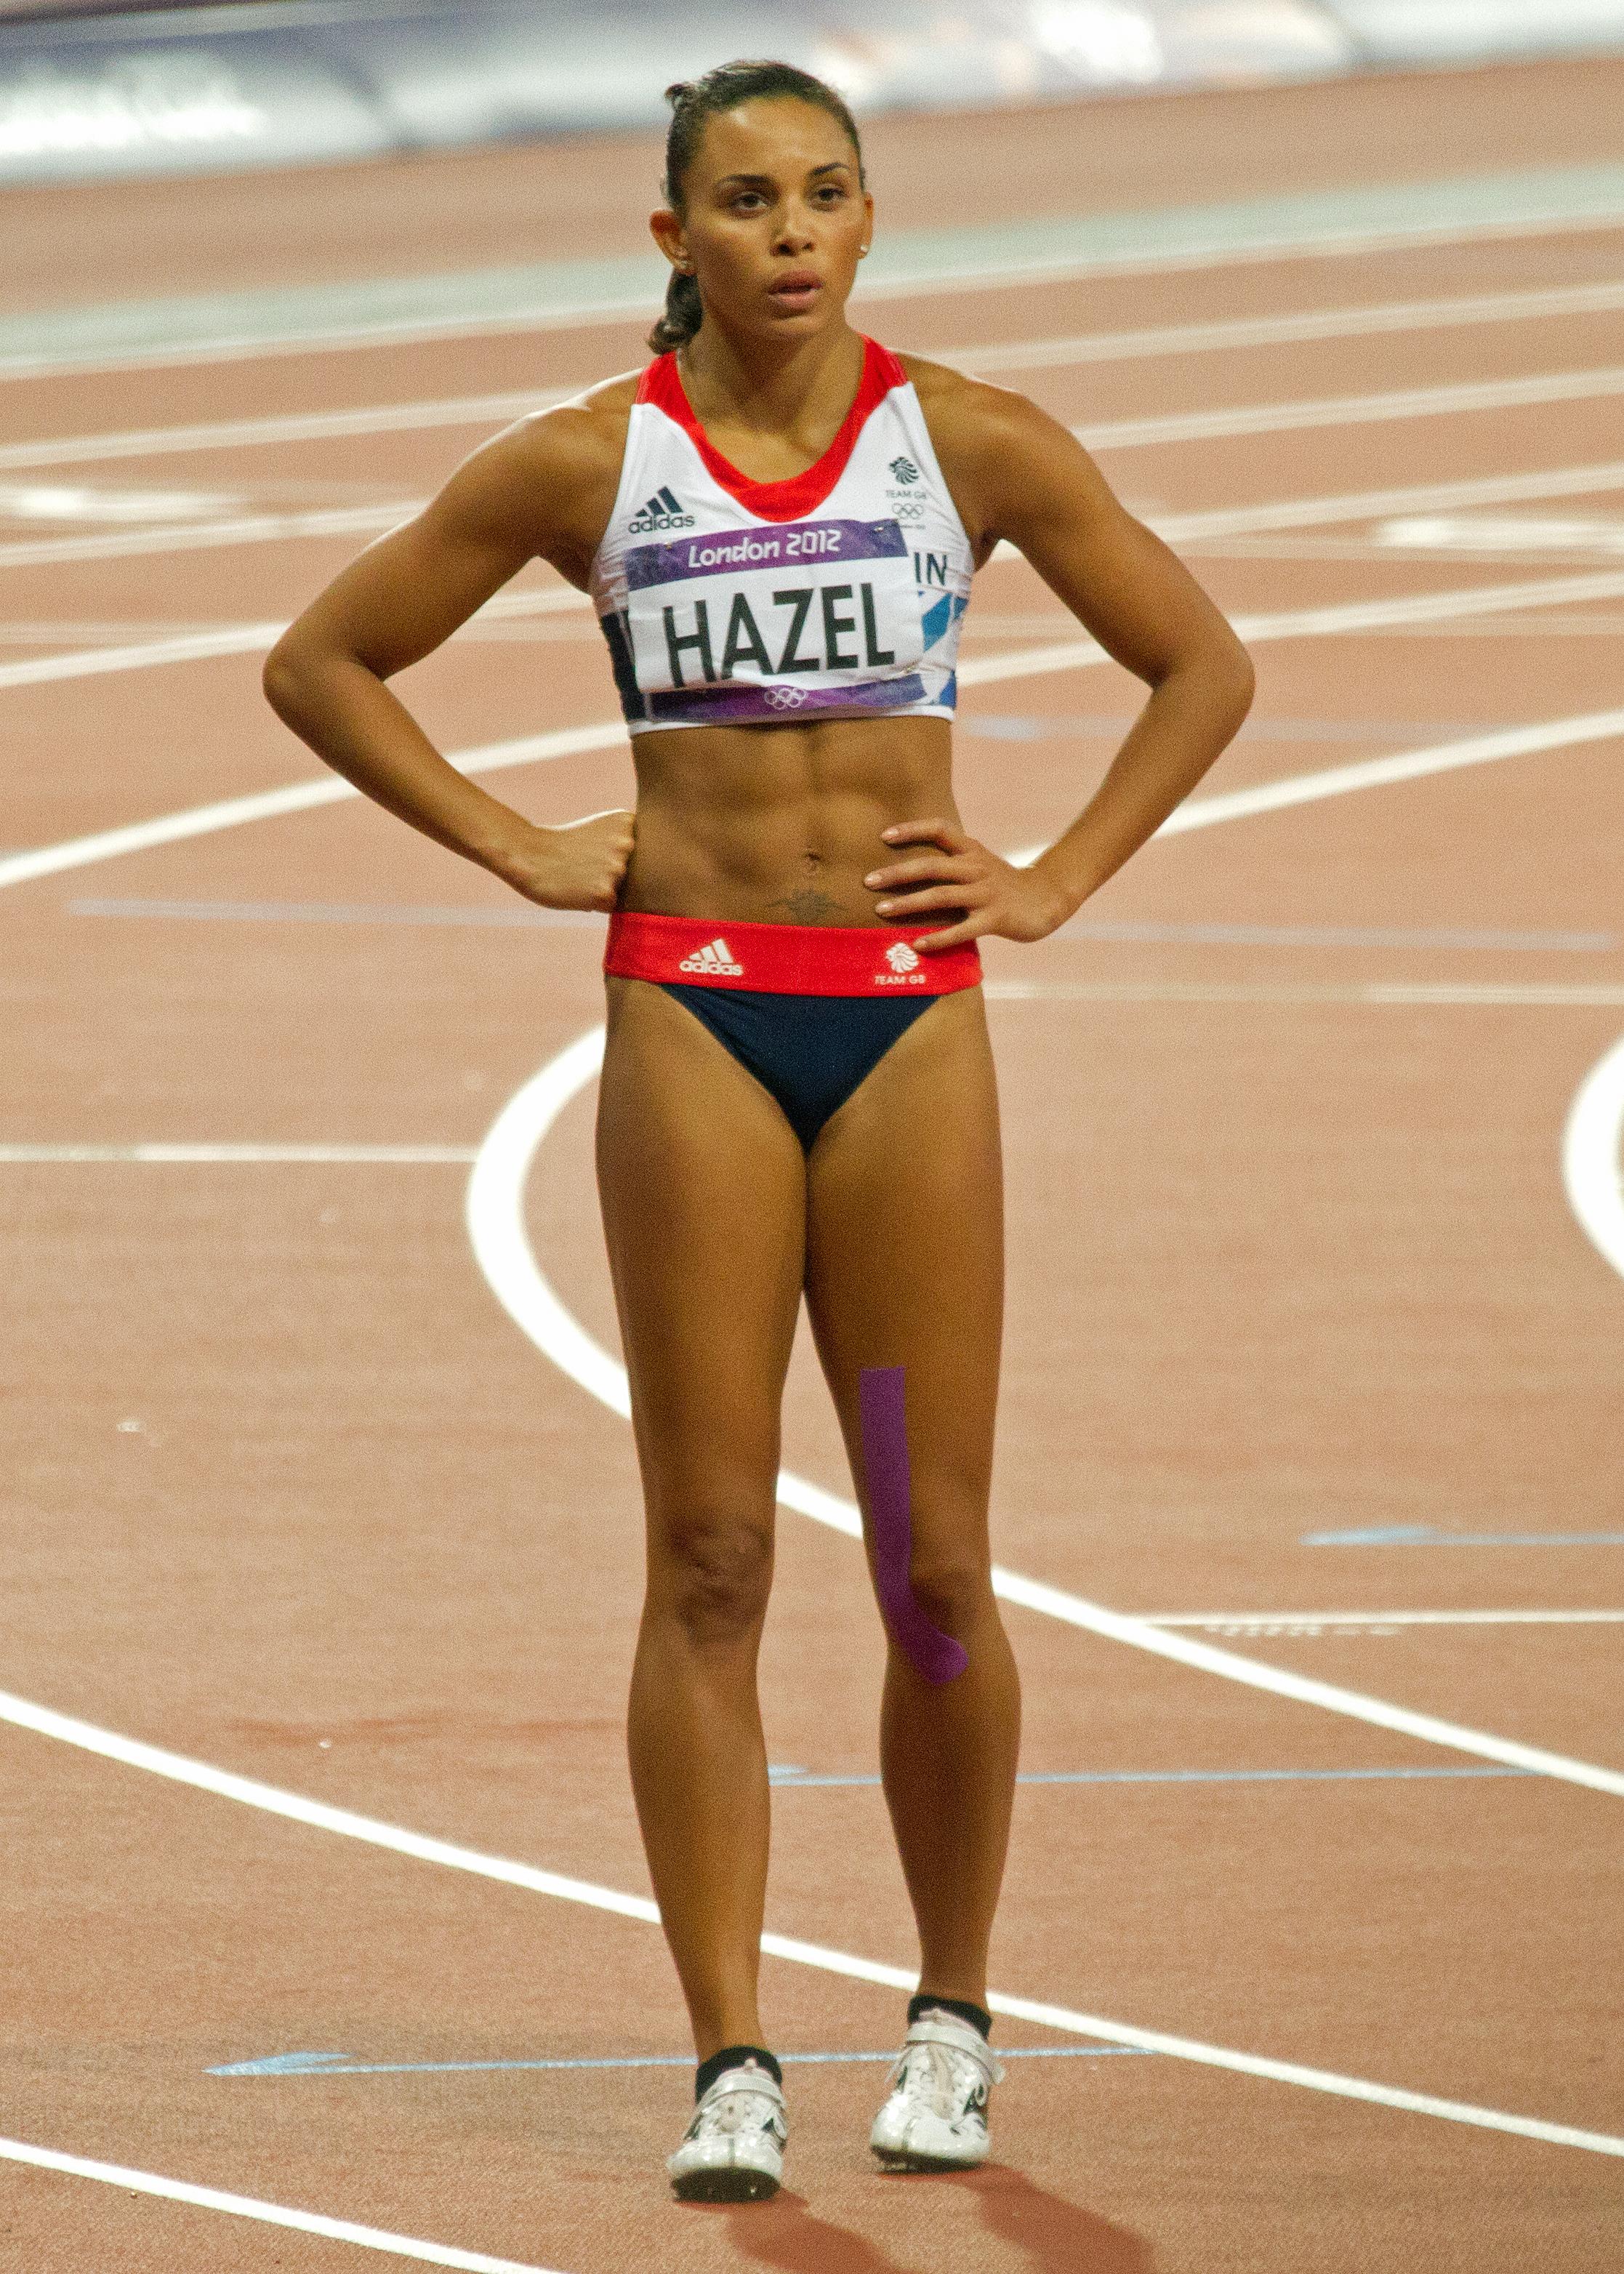 Louise Hazel - Wikipedia